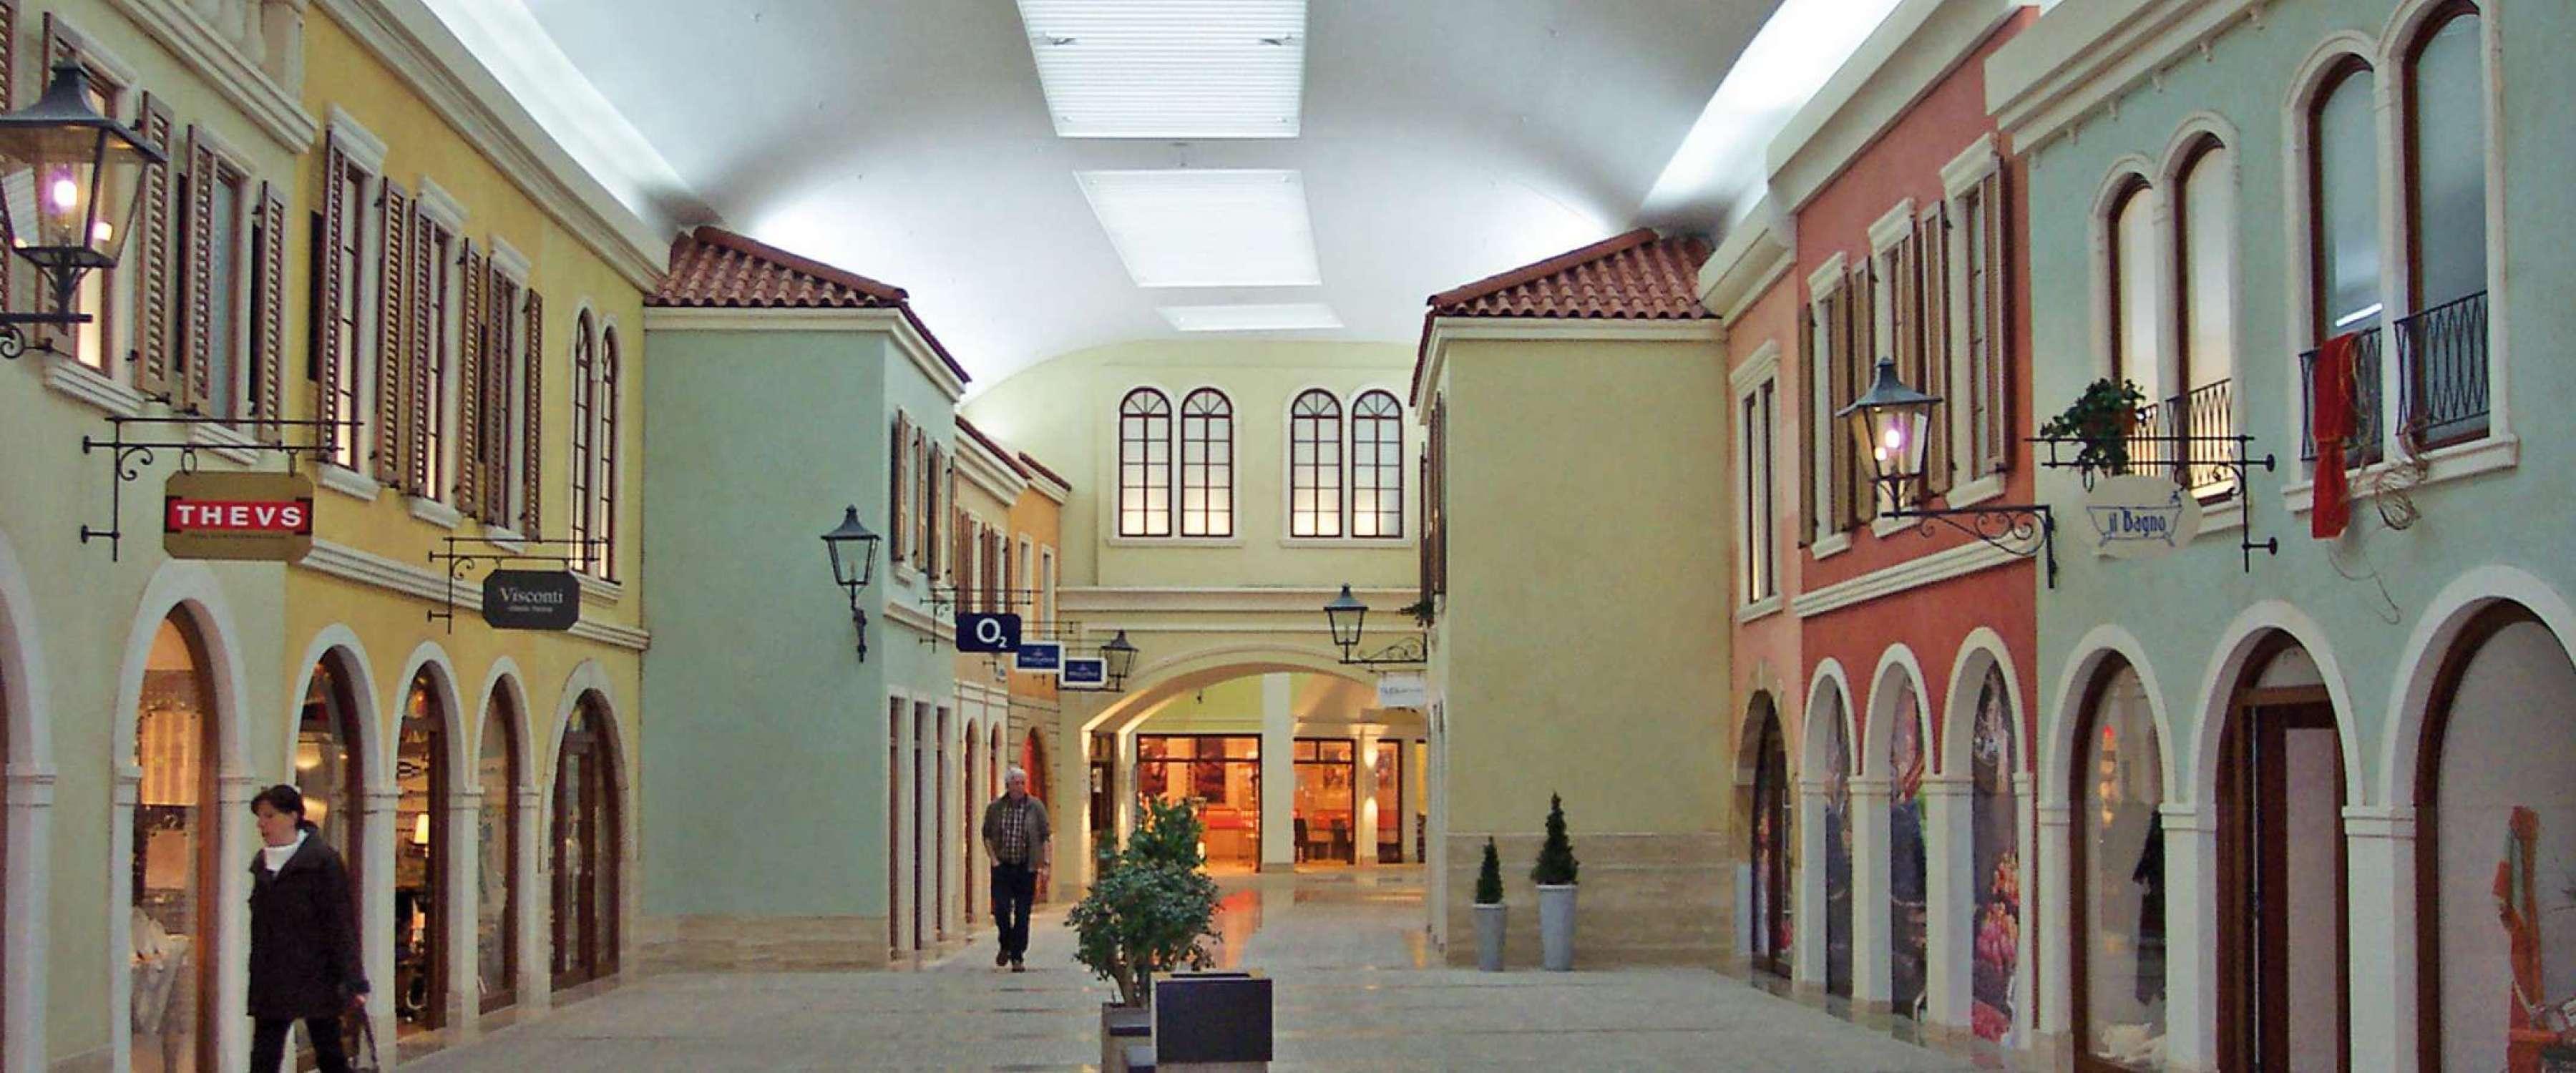 Mediterraneo | Bremerhaven • Die Einkaufsstraße wird in einem Oval durch das Gebäude geführt - die Lichtbänder passen sich diesem Verlauf perfekt an durch eine sehr kleine polygonale Teilung der Lichtbandtragkonstruktion.